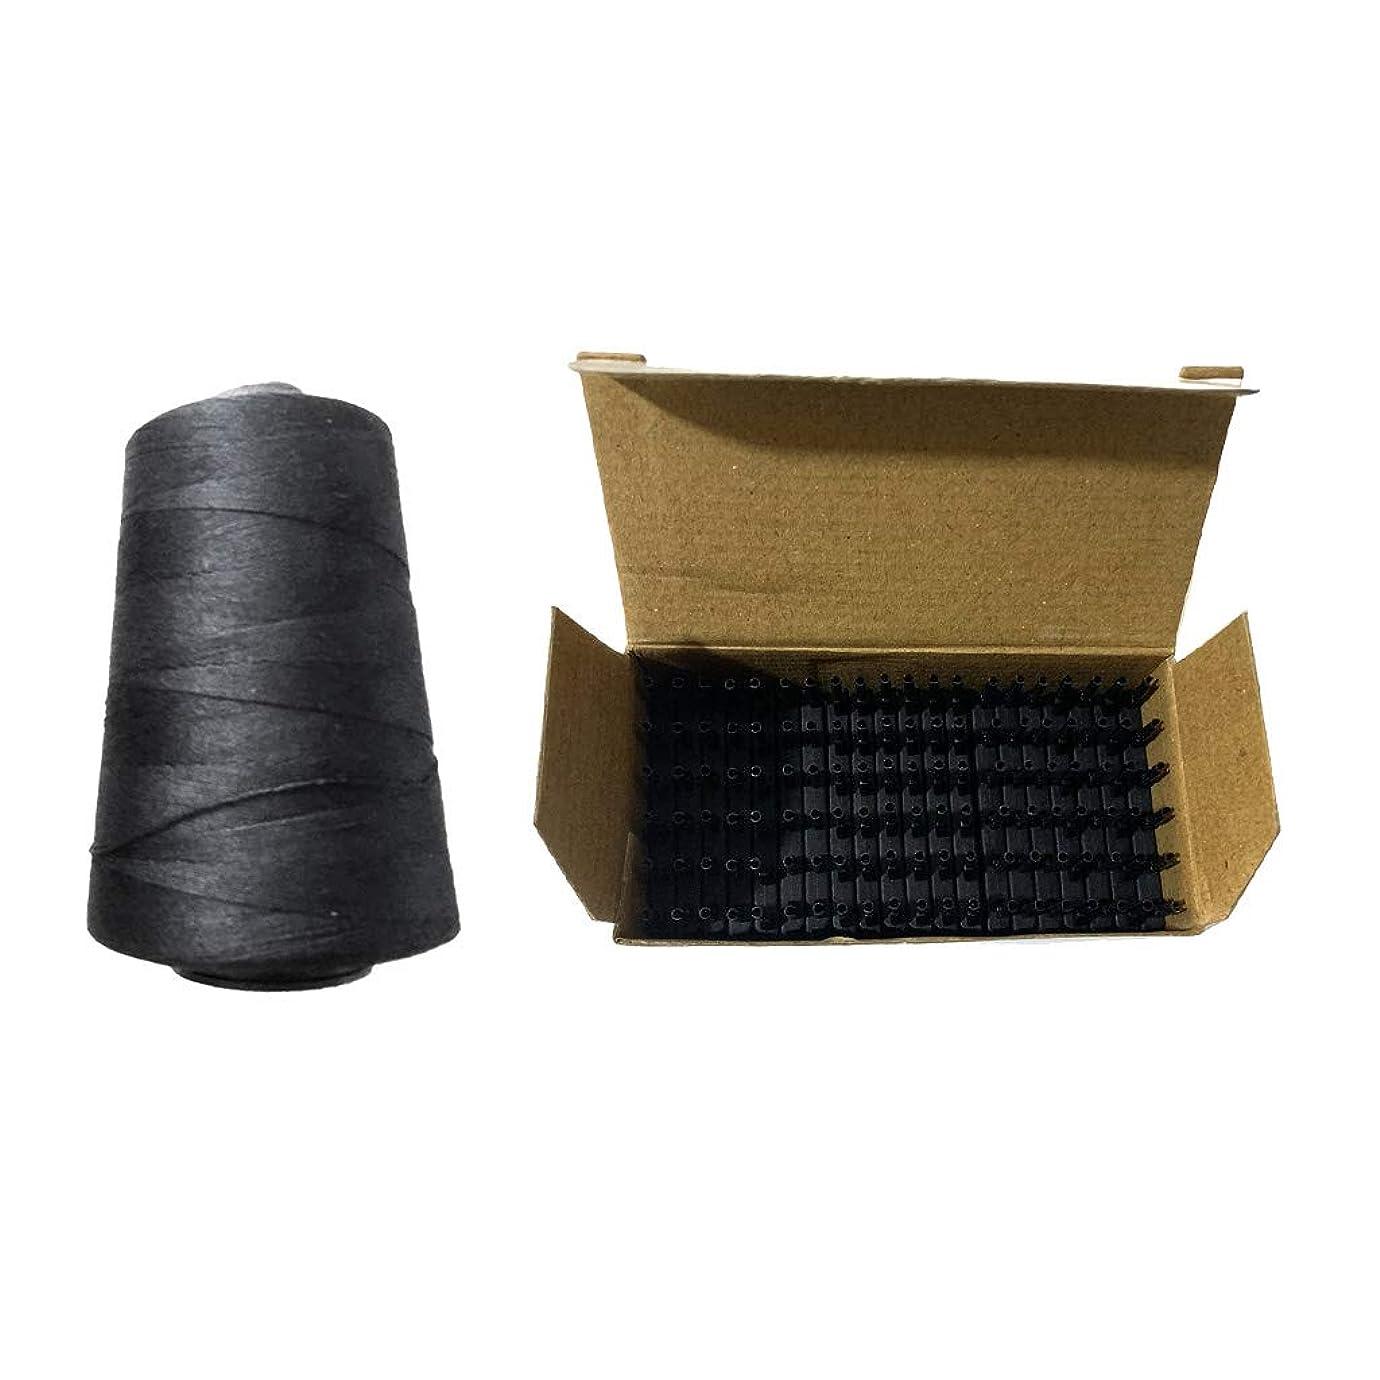 ペンフレンド弱い巨大なgazechimp 編む糸 かつらスレッド ヘアエクステンション バックル クリップ